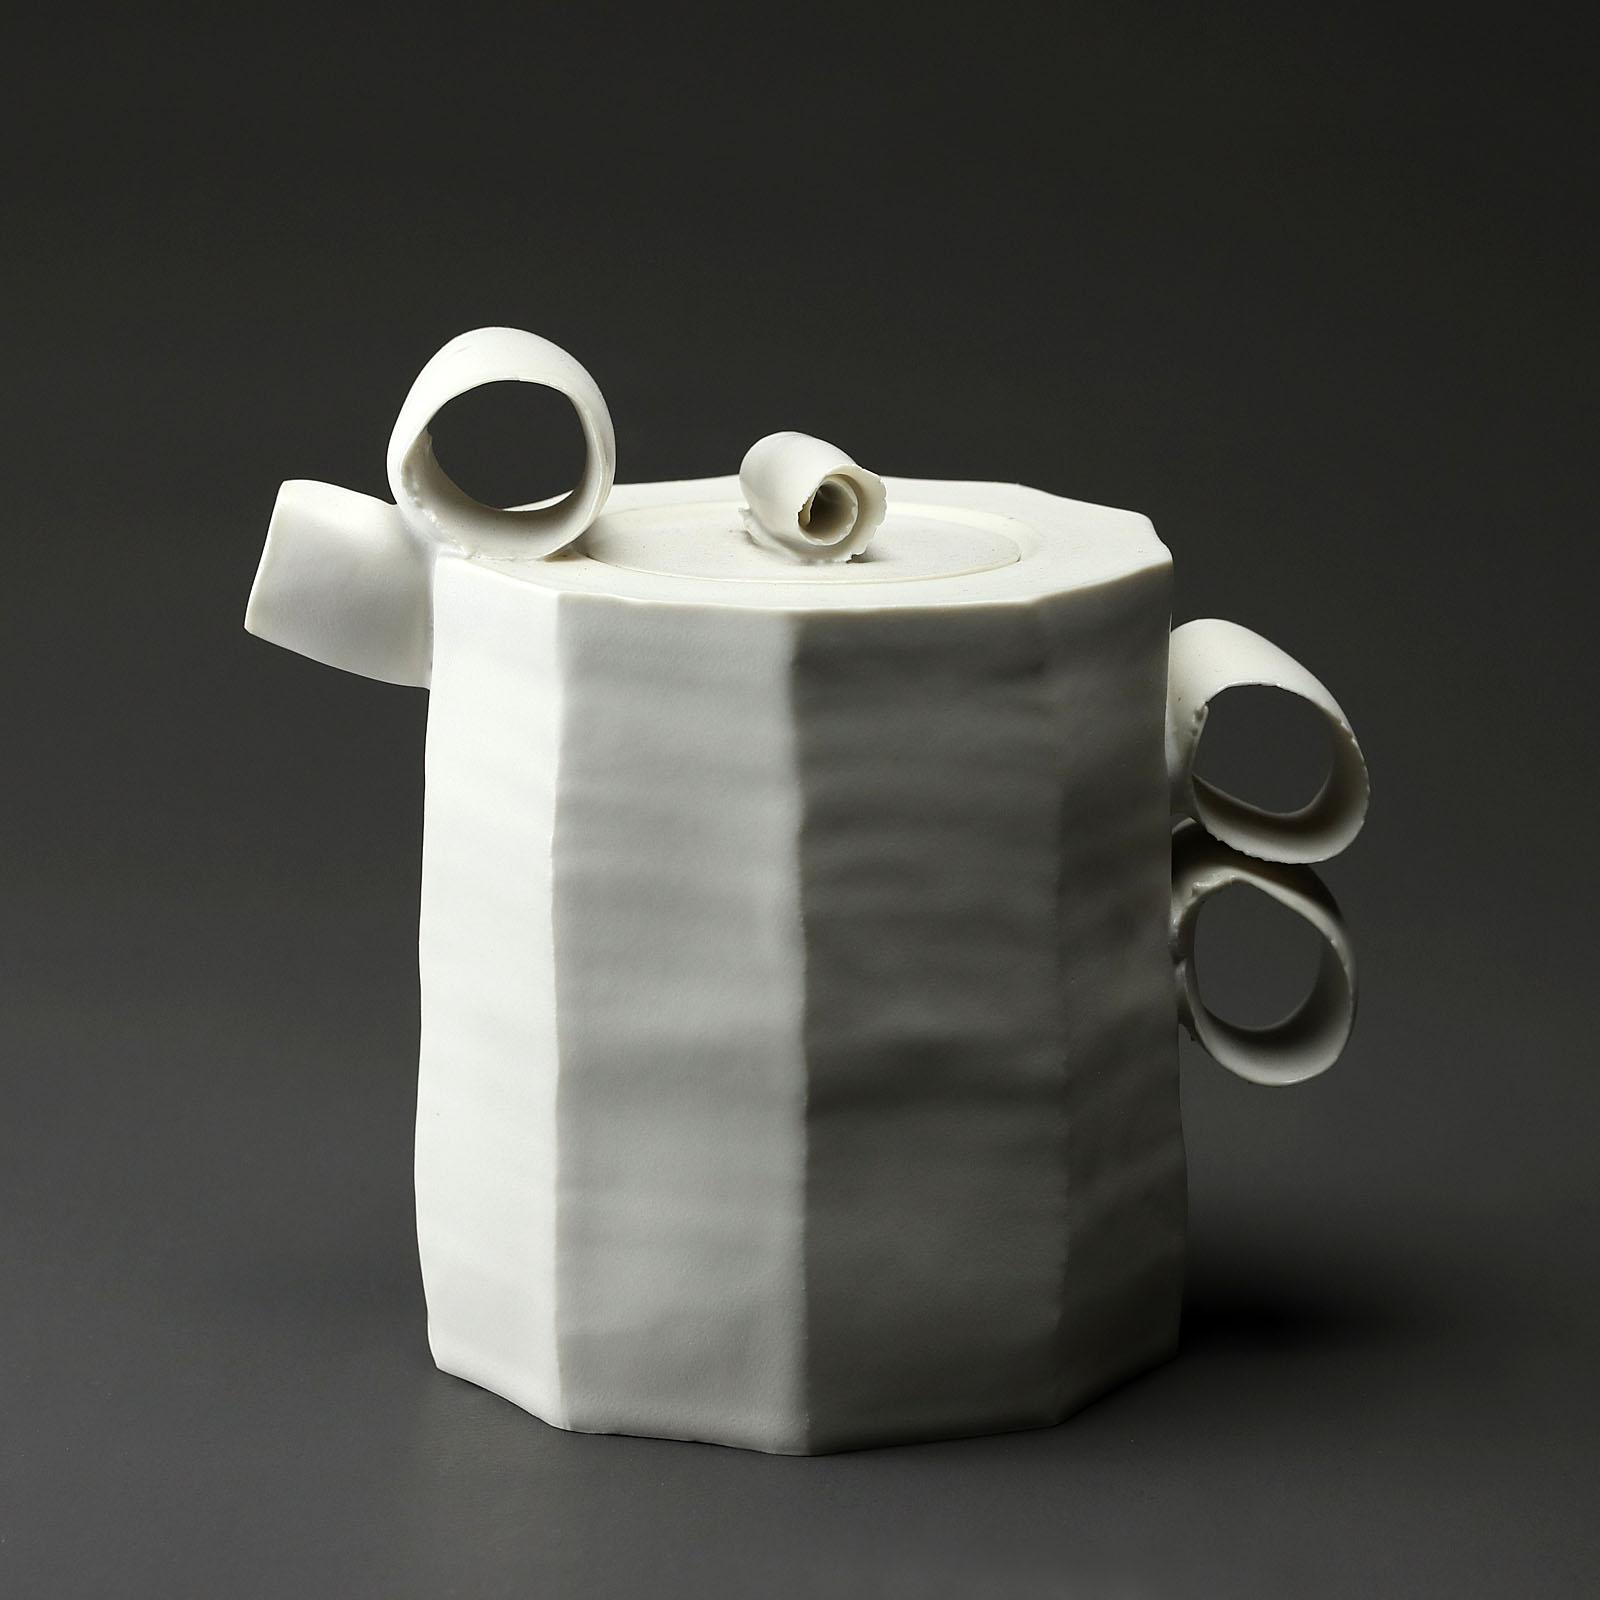 theiere 960 en céramique, porcelaine émaillée blanc